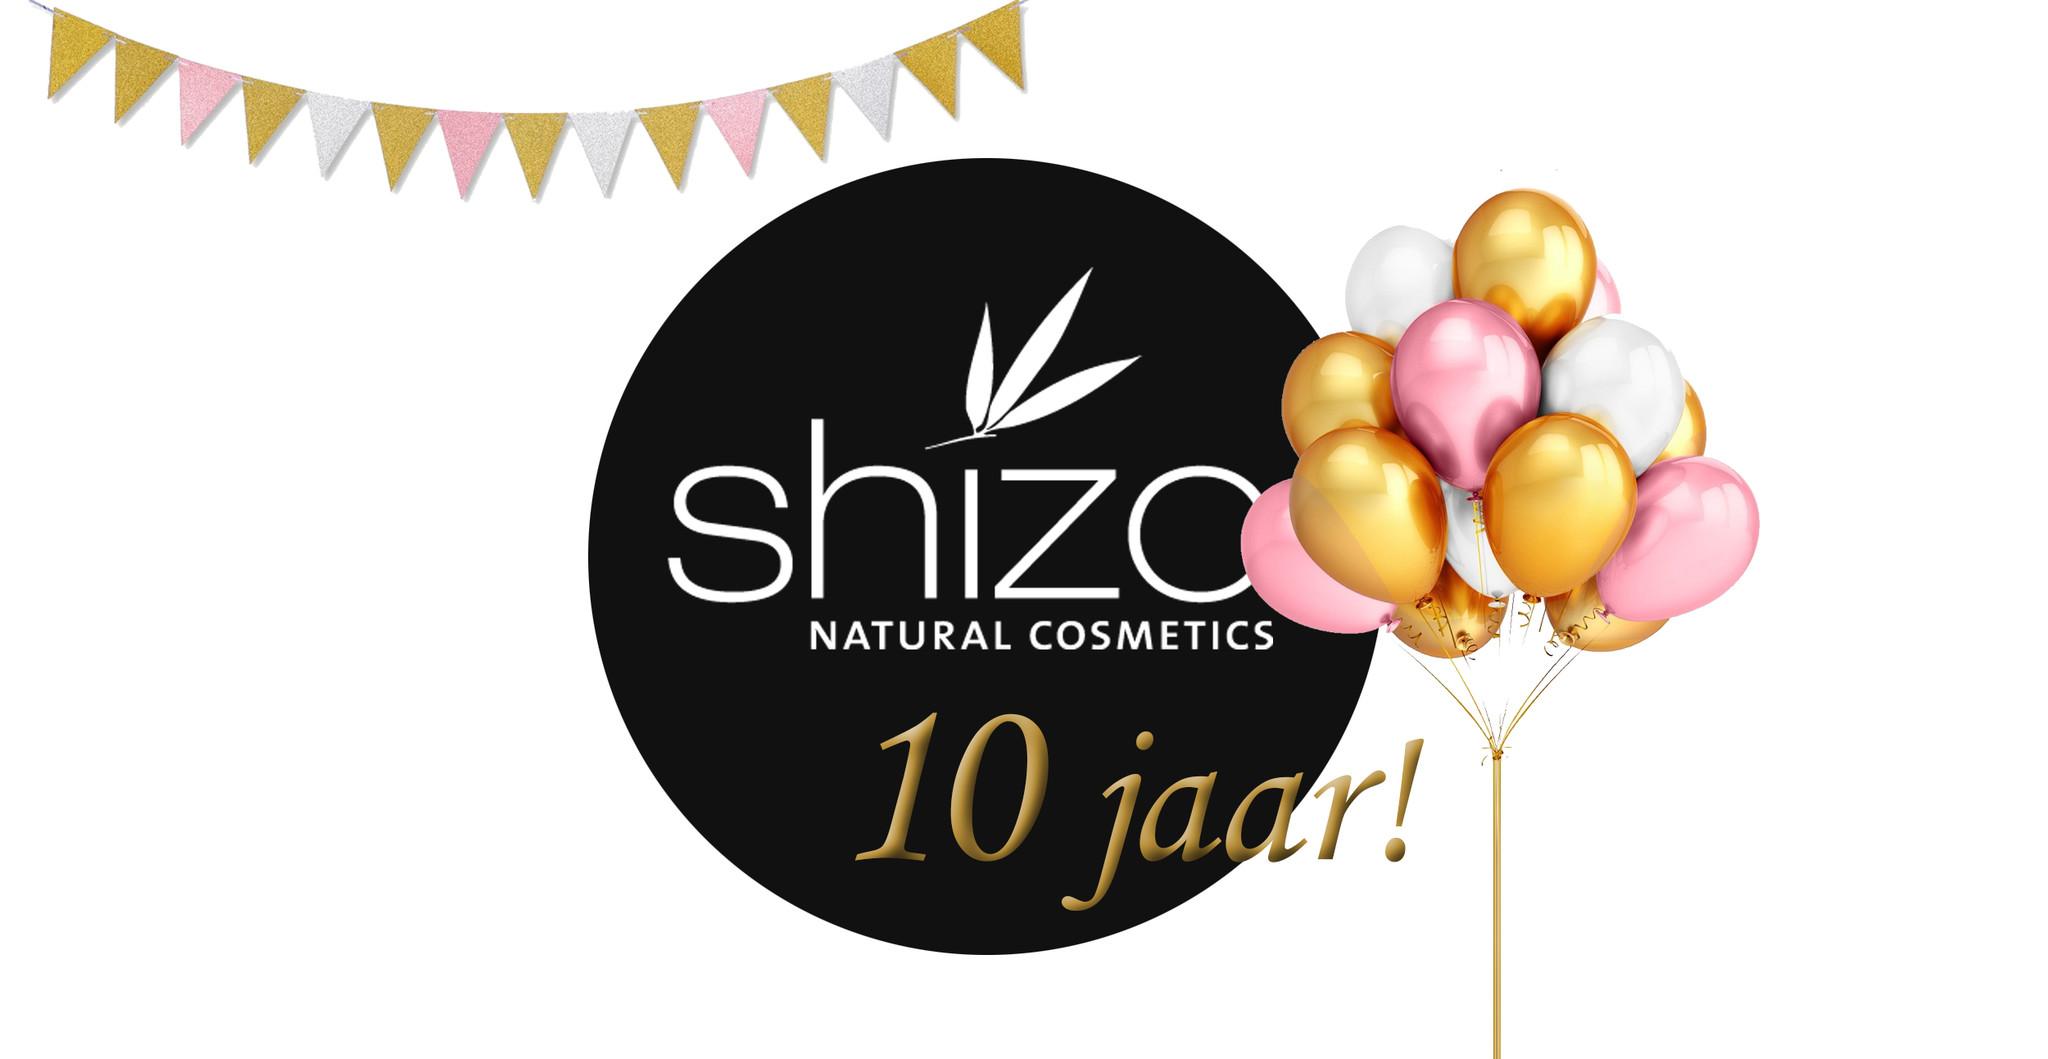 10 Jaar Shizo.nl